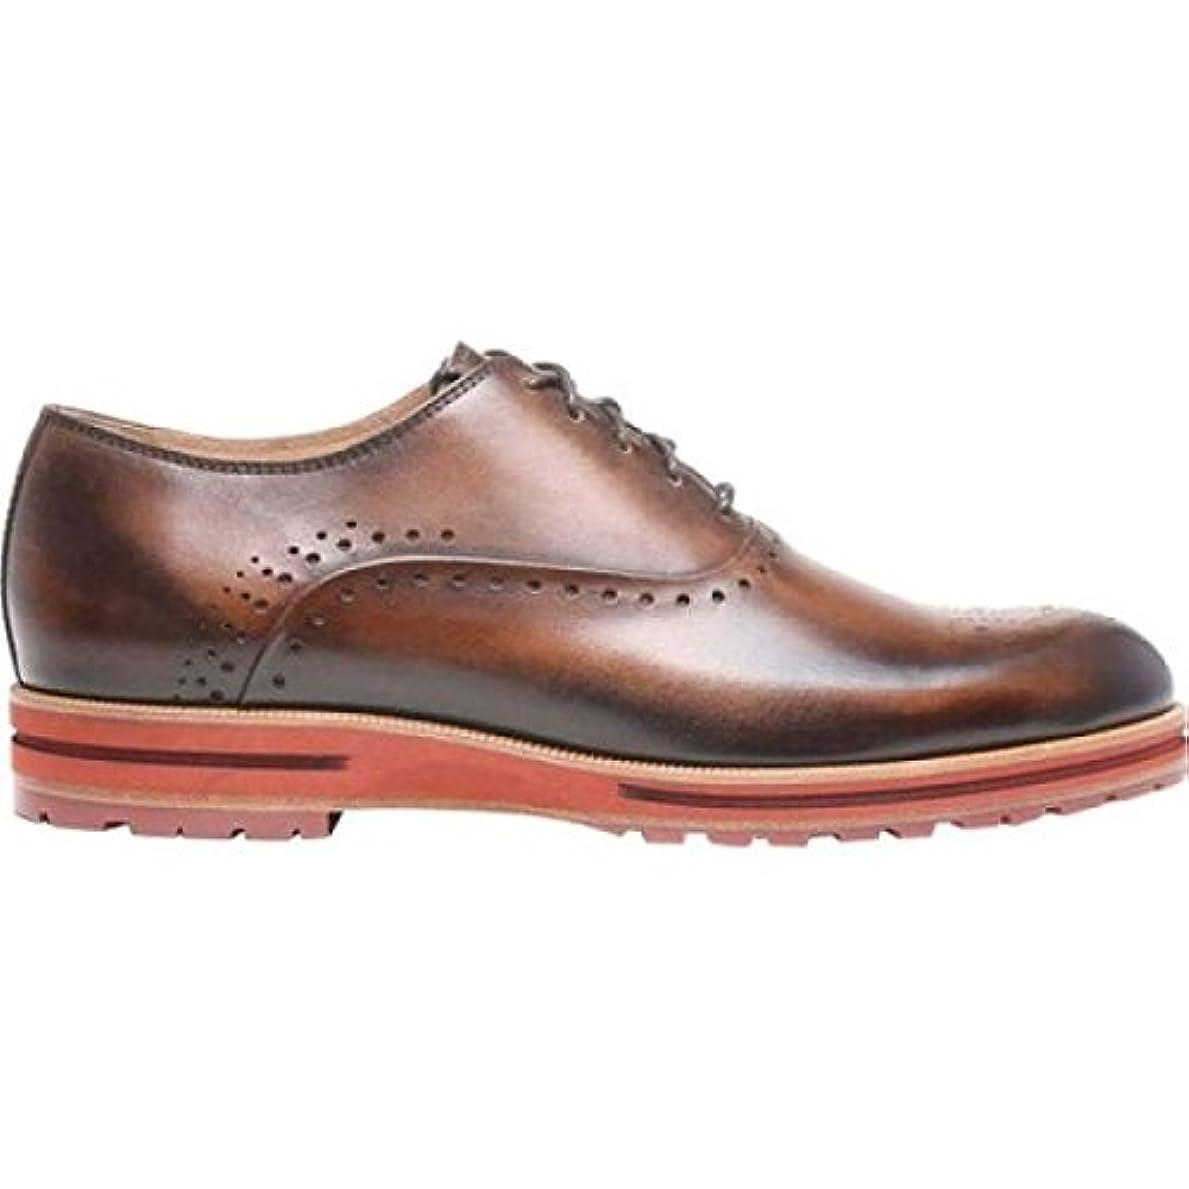 旋回不当海洋の(ロバート タルボット) Robert Talbott メンズ シューズ?靴 革靴?ビジネスシューズ Felder Oxford [並行輸入品]